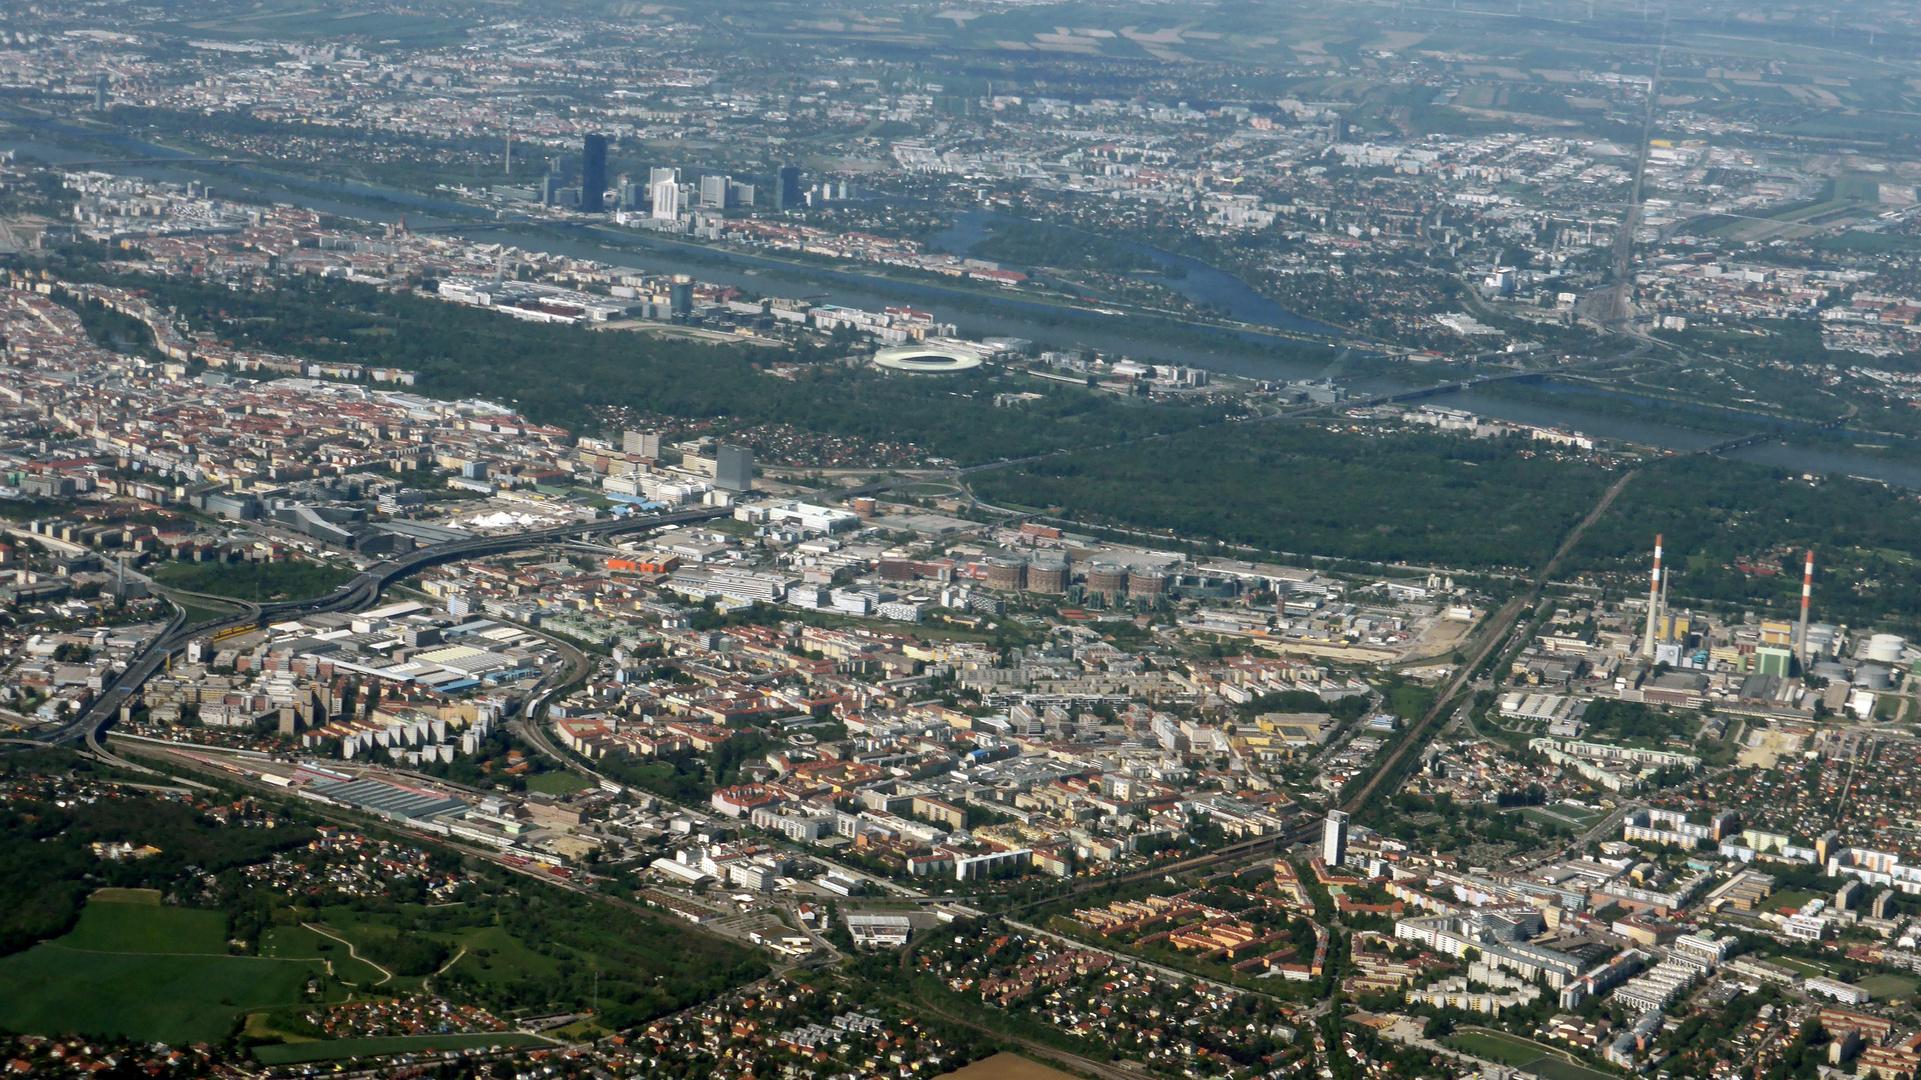 Abflug Foto Bild World österreich Wien Bilder Auf Fotocommunity